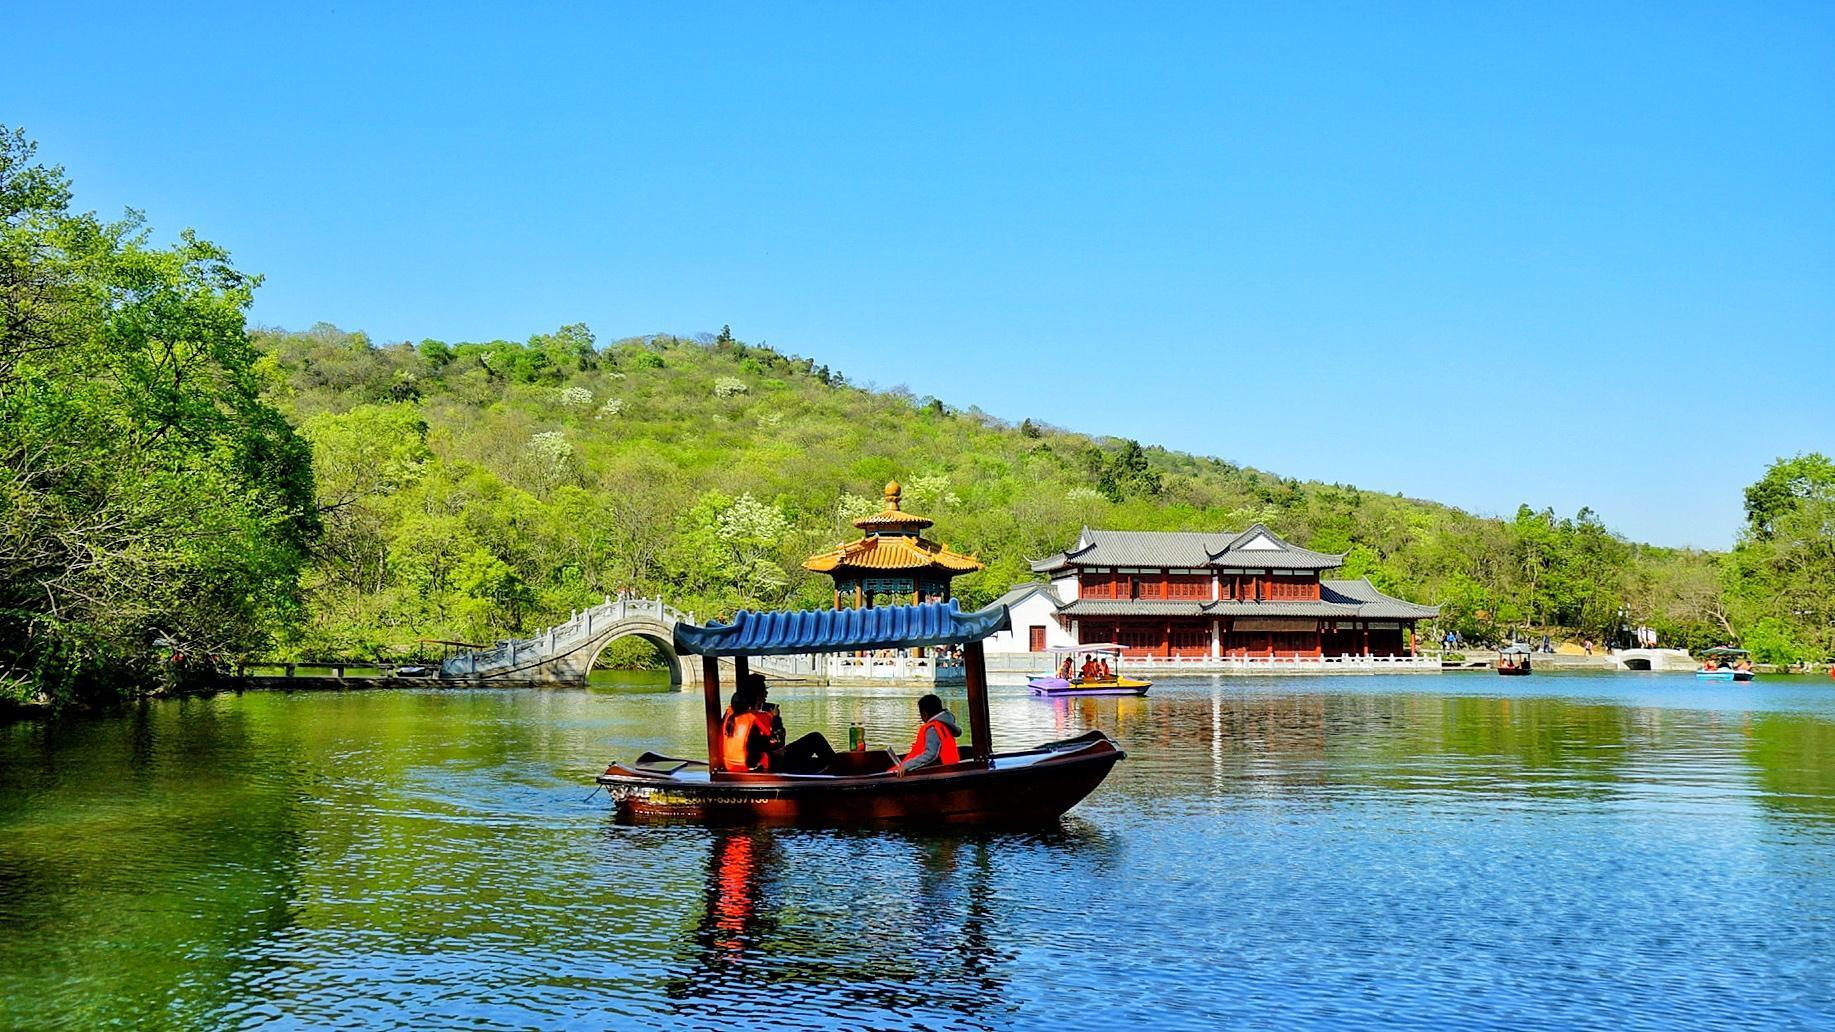 因欧阳修《醉翁亭记》而得名的这条深水湖,水量丰沛且永不干涸